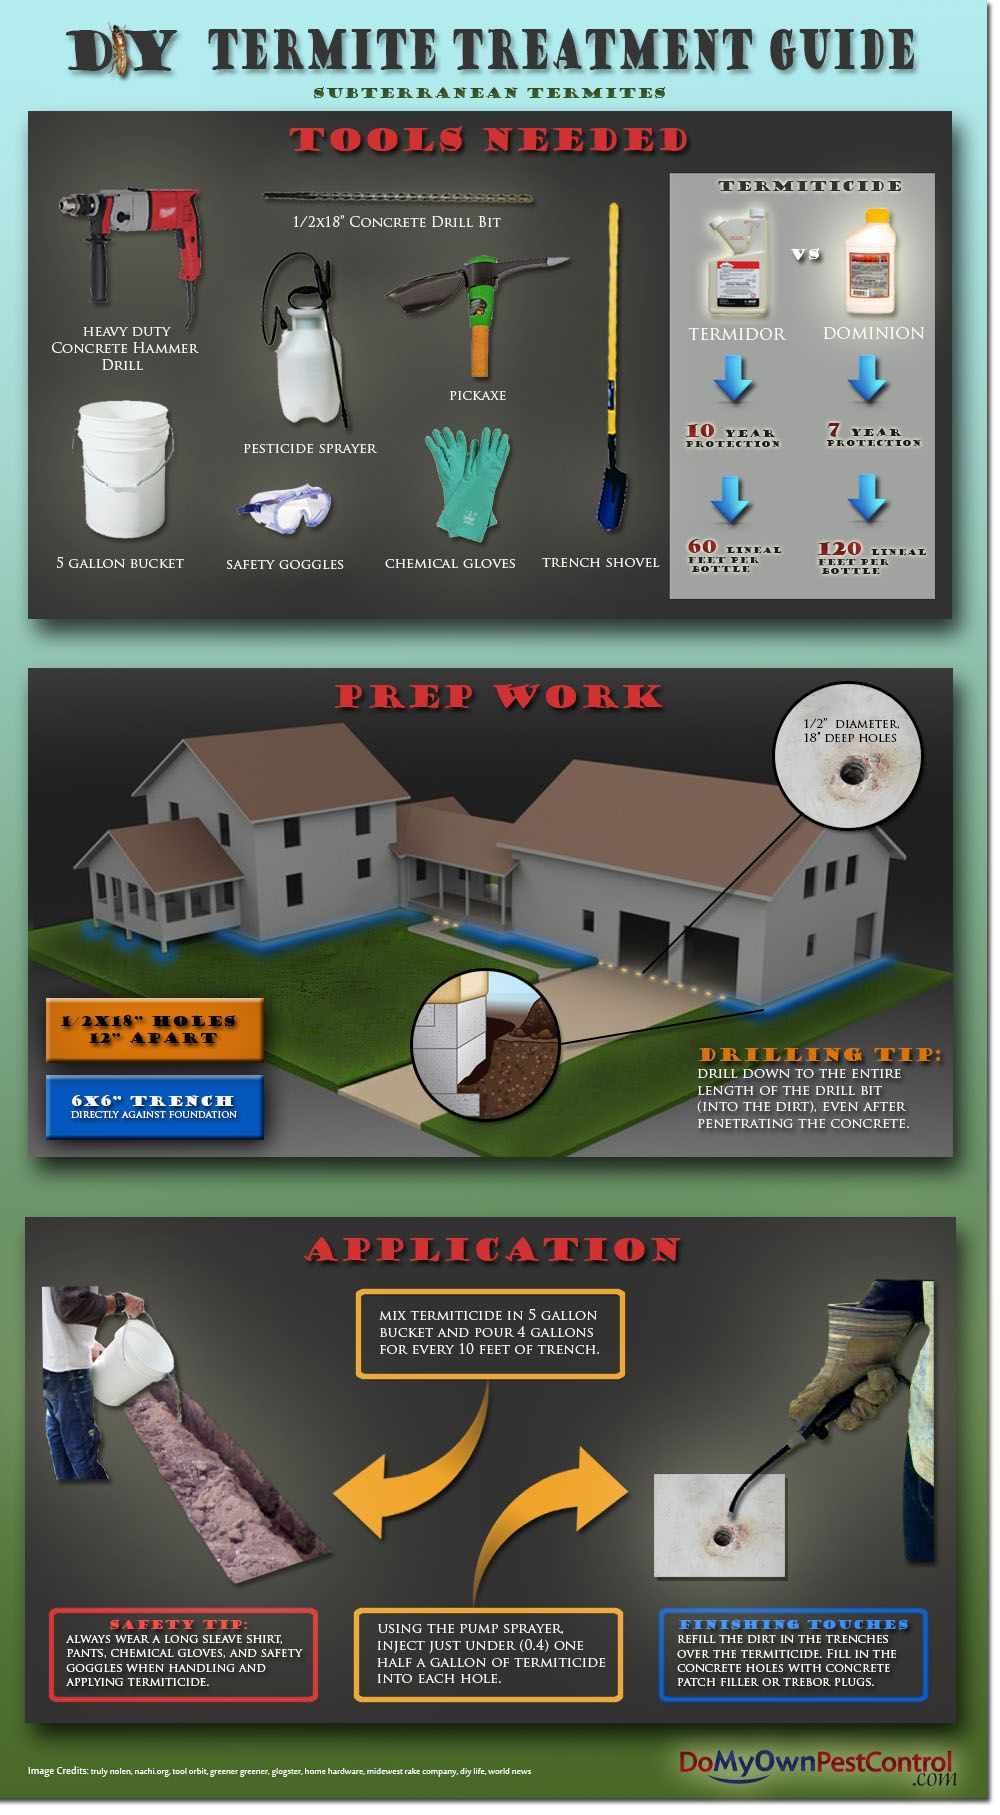 diy subterranean termites treatment guide | home | termite treatment